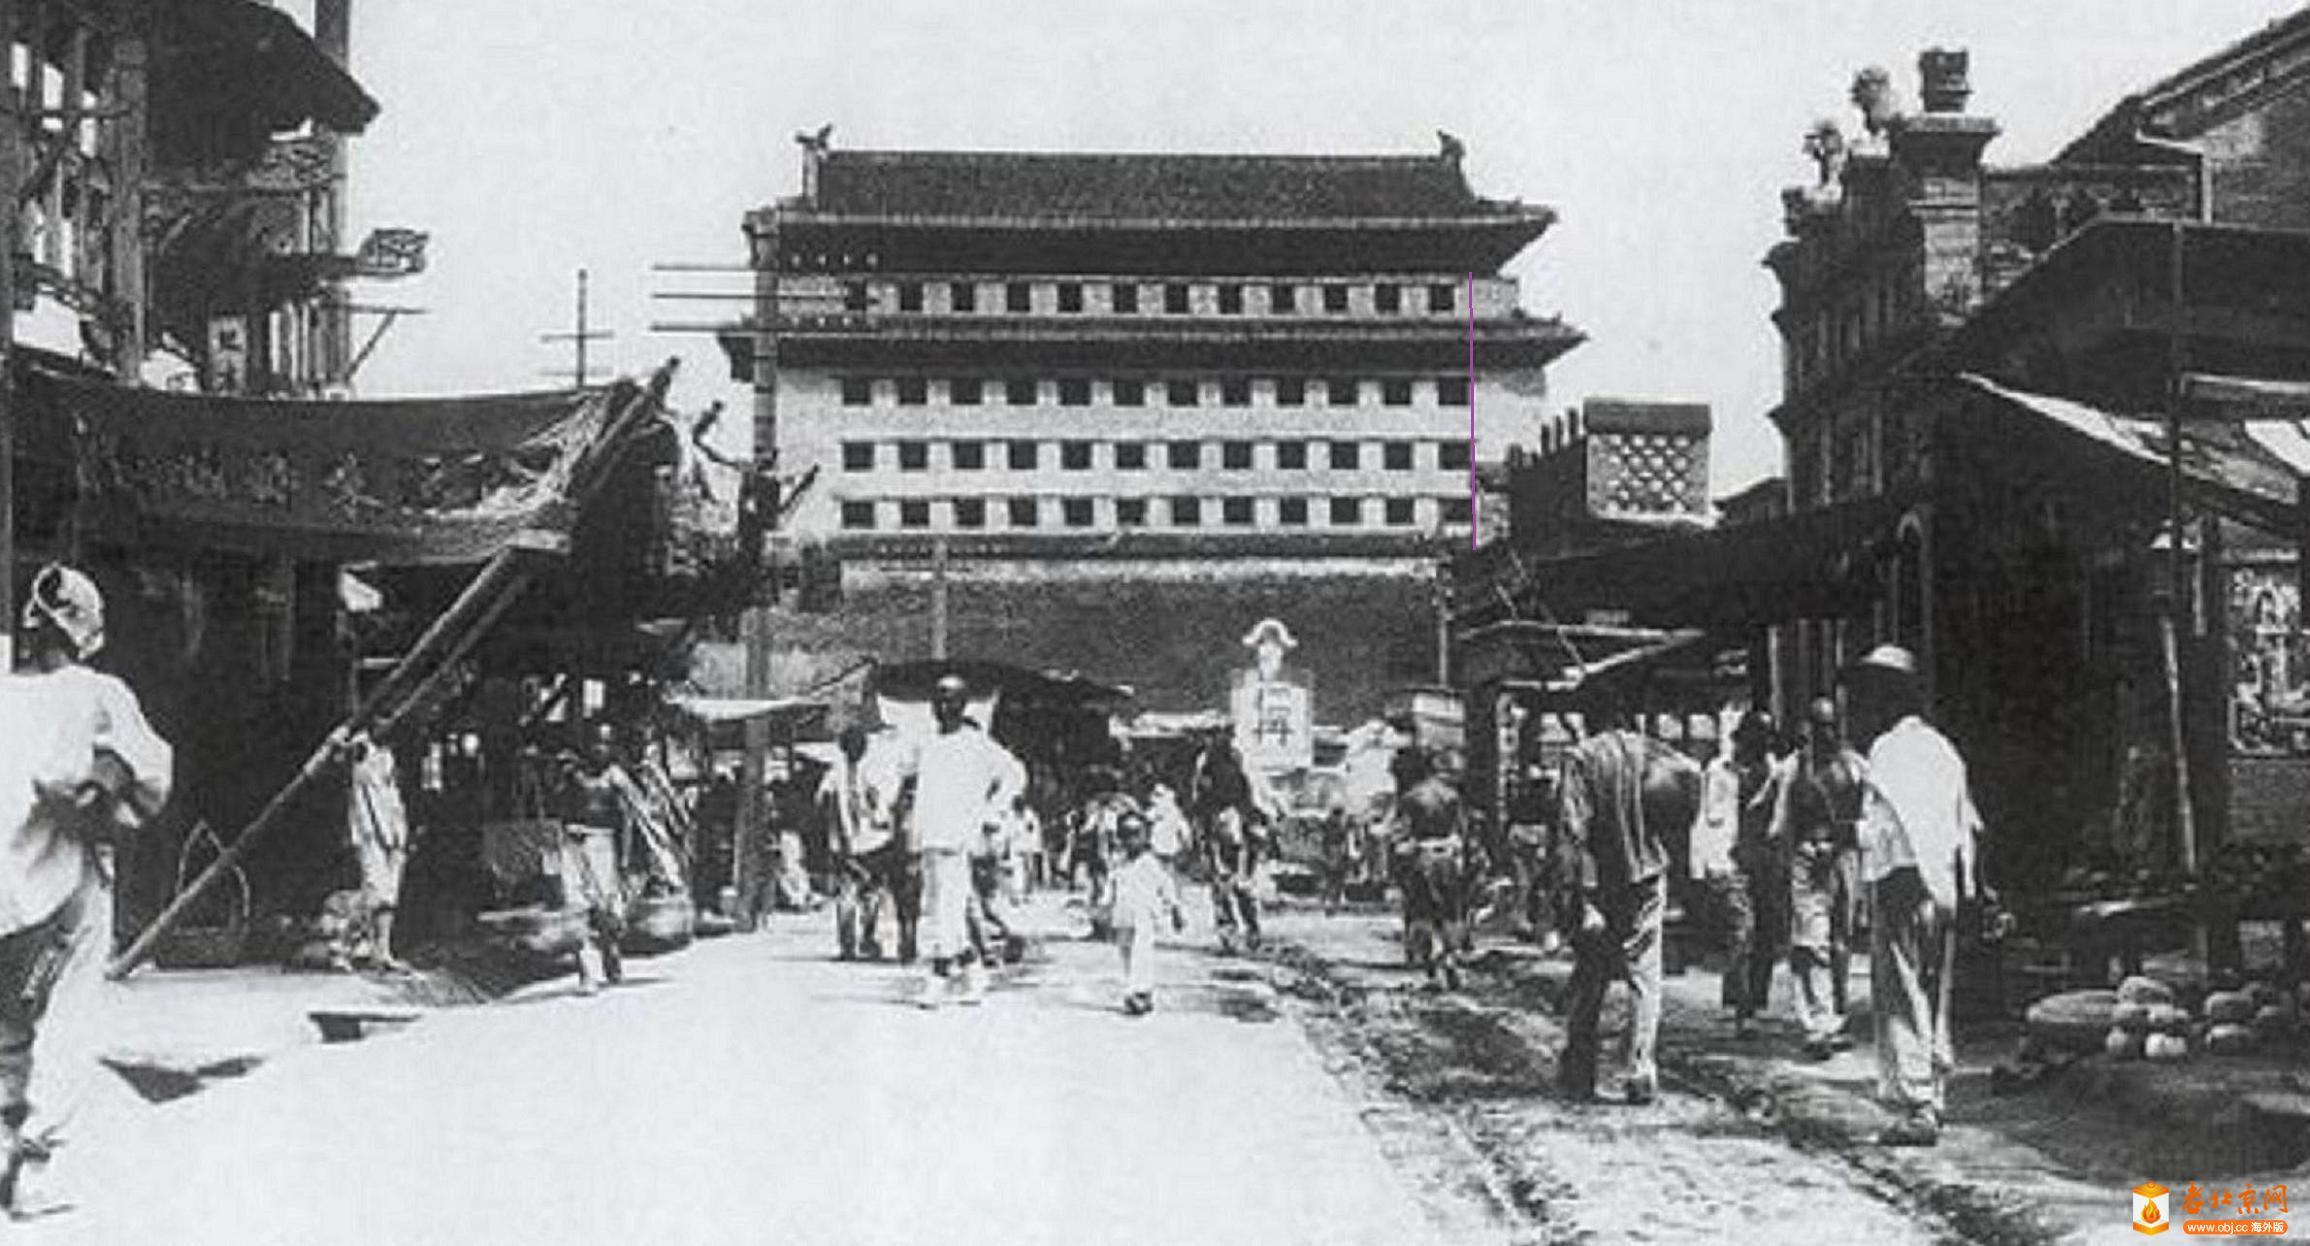 423.阜成门-箭楼                    (192-年).jpg